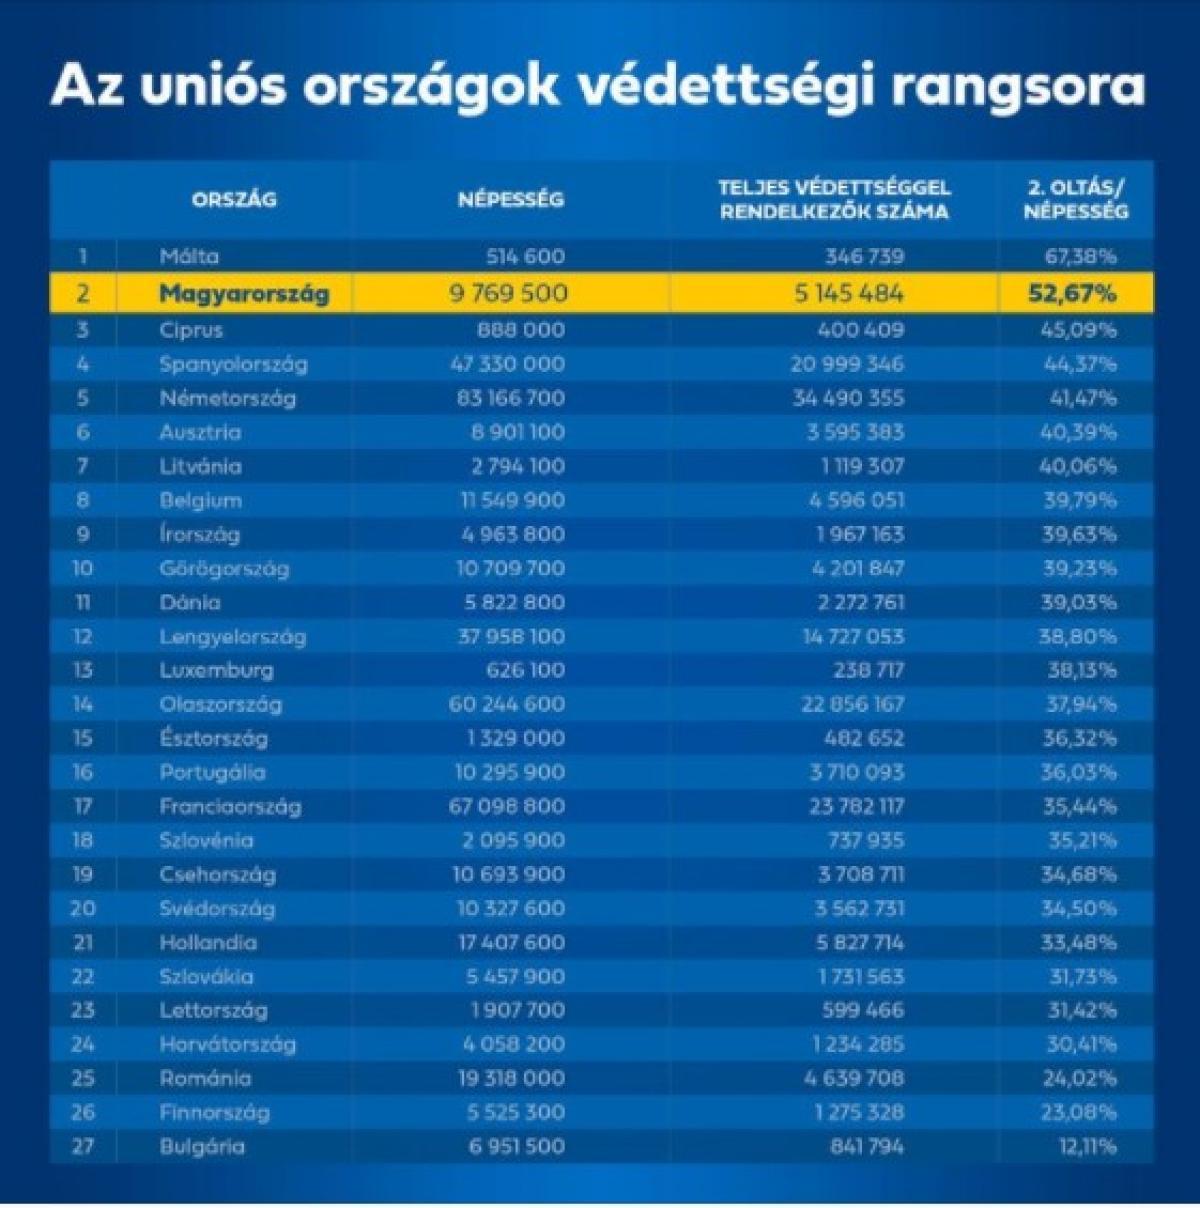 Magyarország továbbra is második az uniós országok védettségi rangsorában